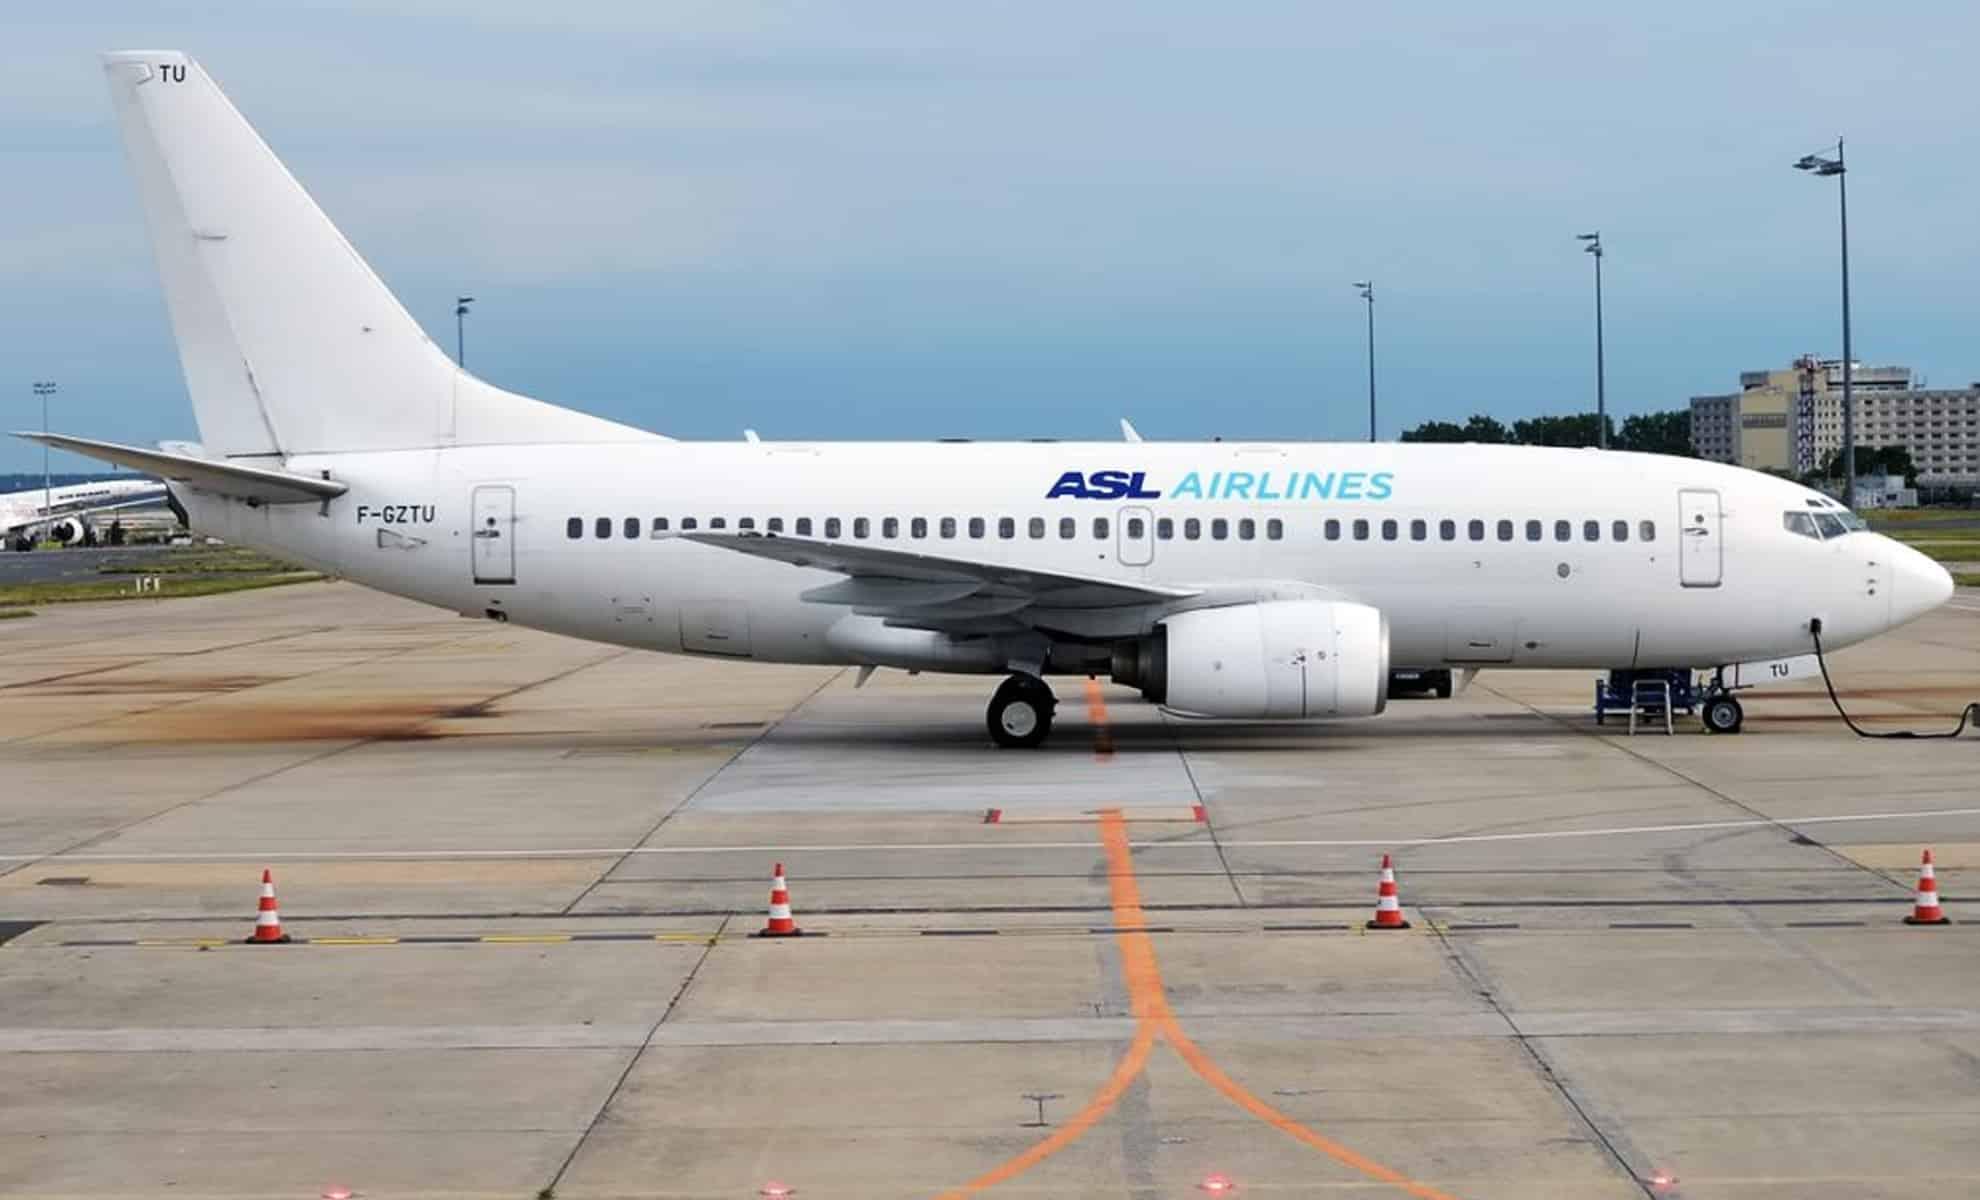 Vols Algérie – France: Programme d'ASL Airlines pour septembre